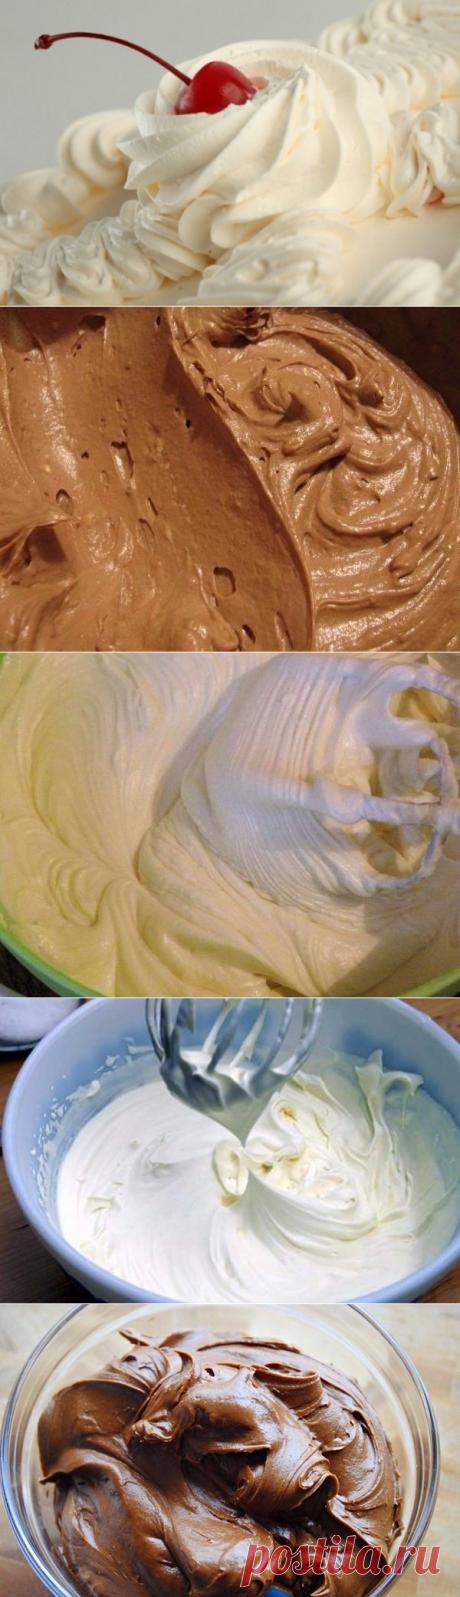 8 кремов для тортов   Очень вкусно